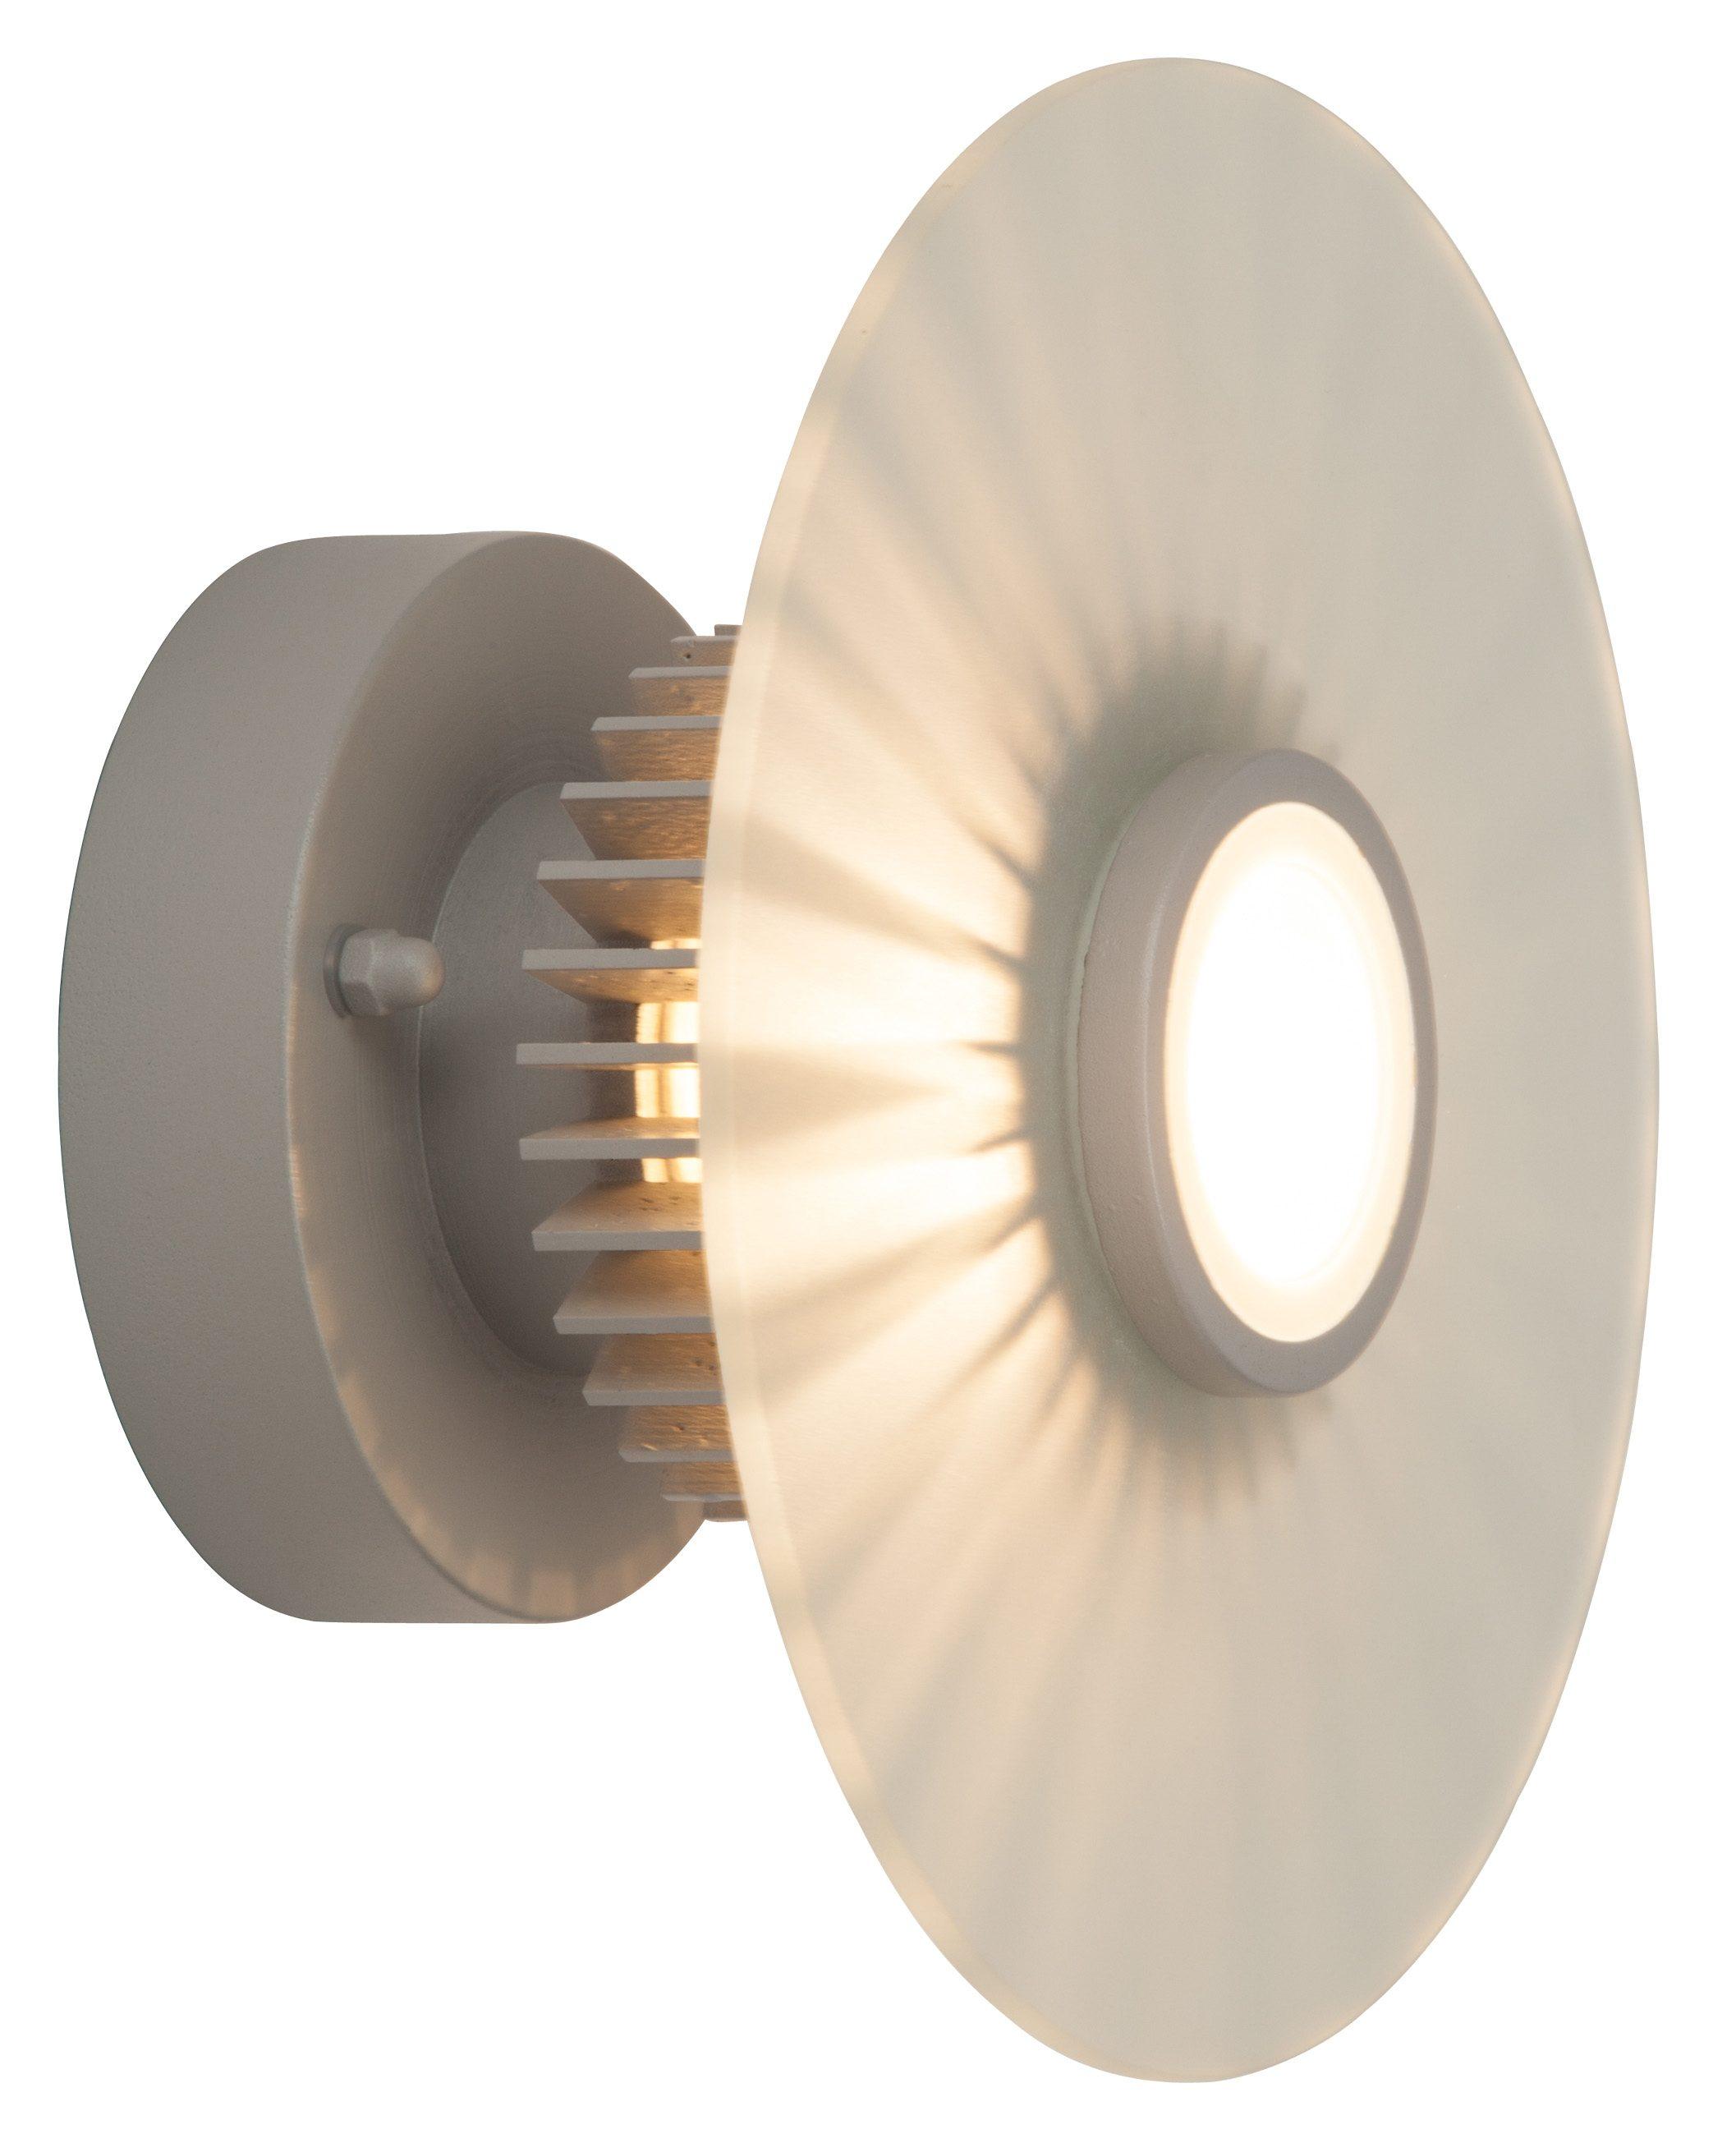 Brilliant Leuchten LED Außenleuchte, Wandleuchte, 1flg., »MATHIS«